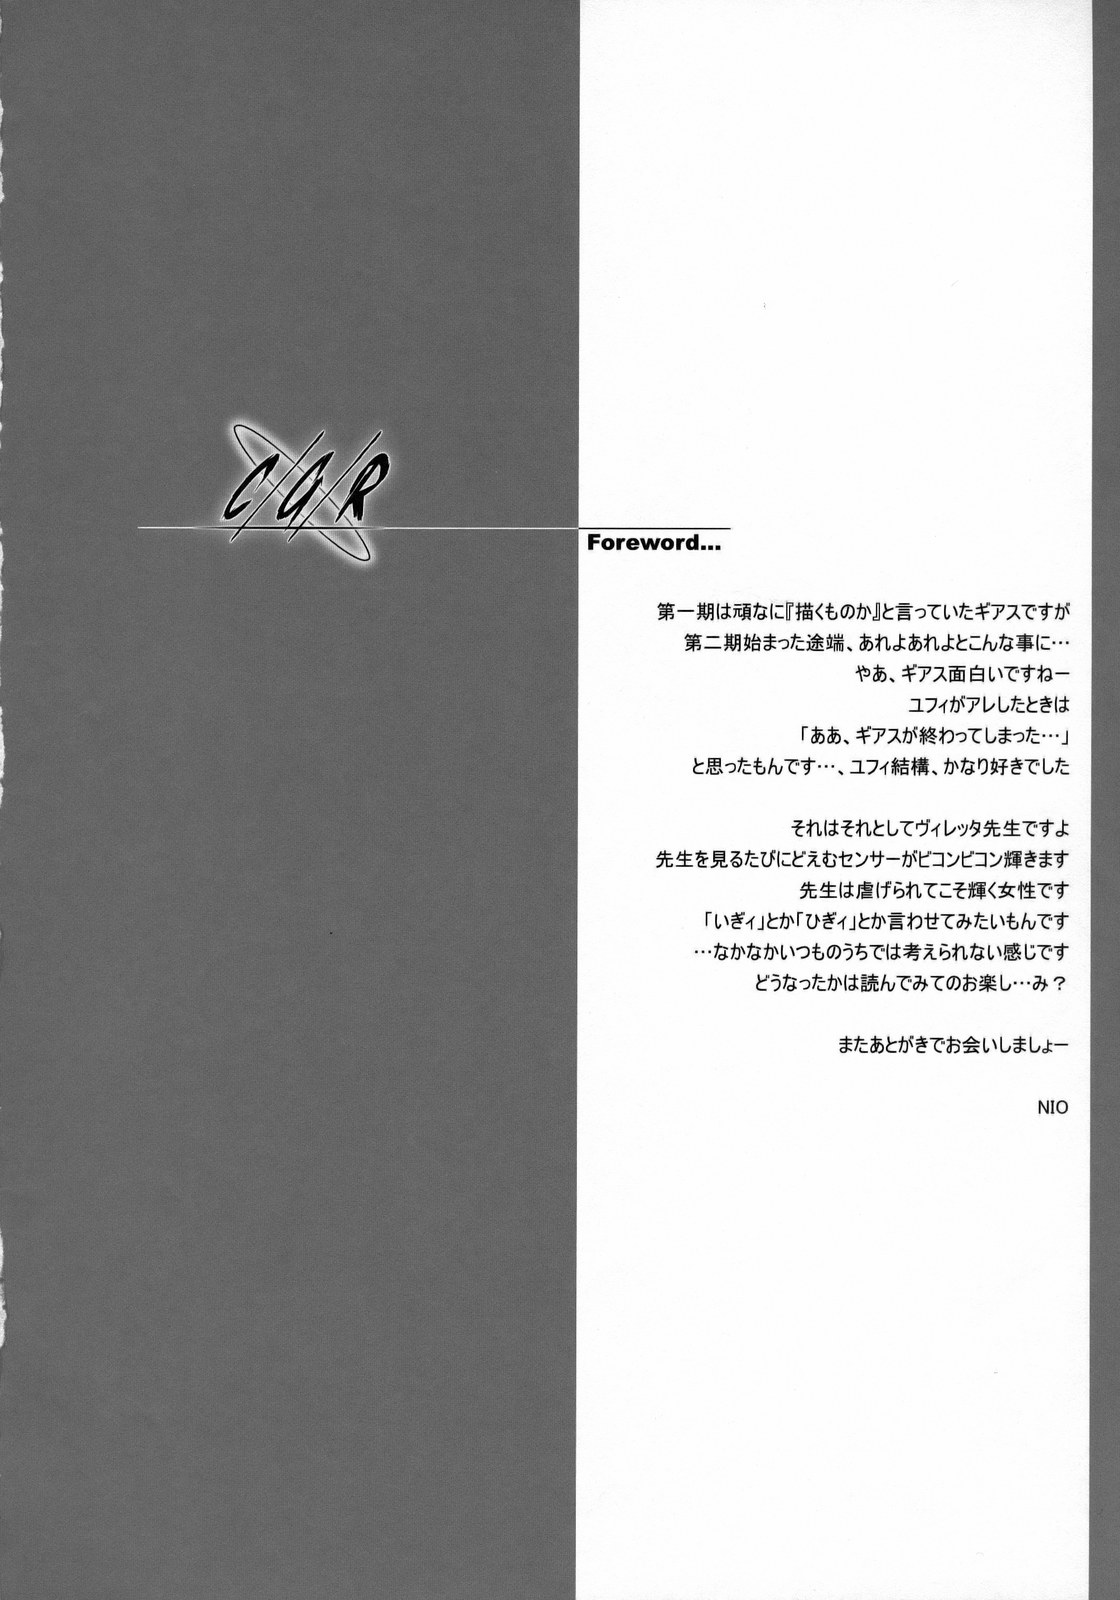 DoujinReader.com CGR_003